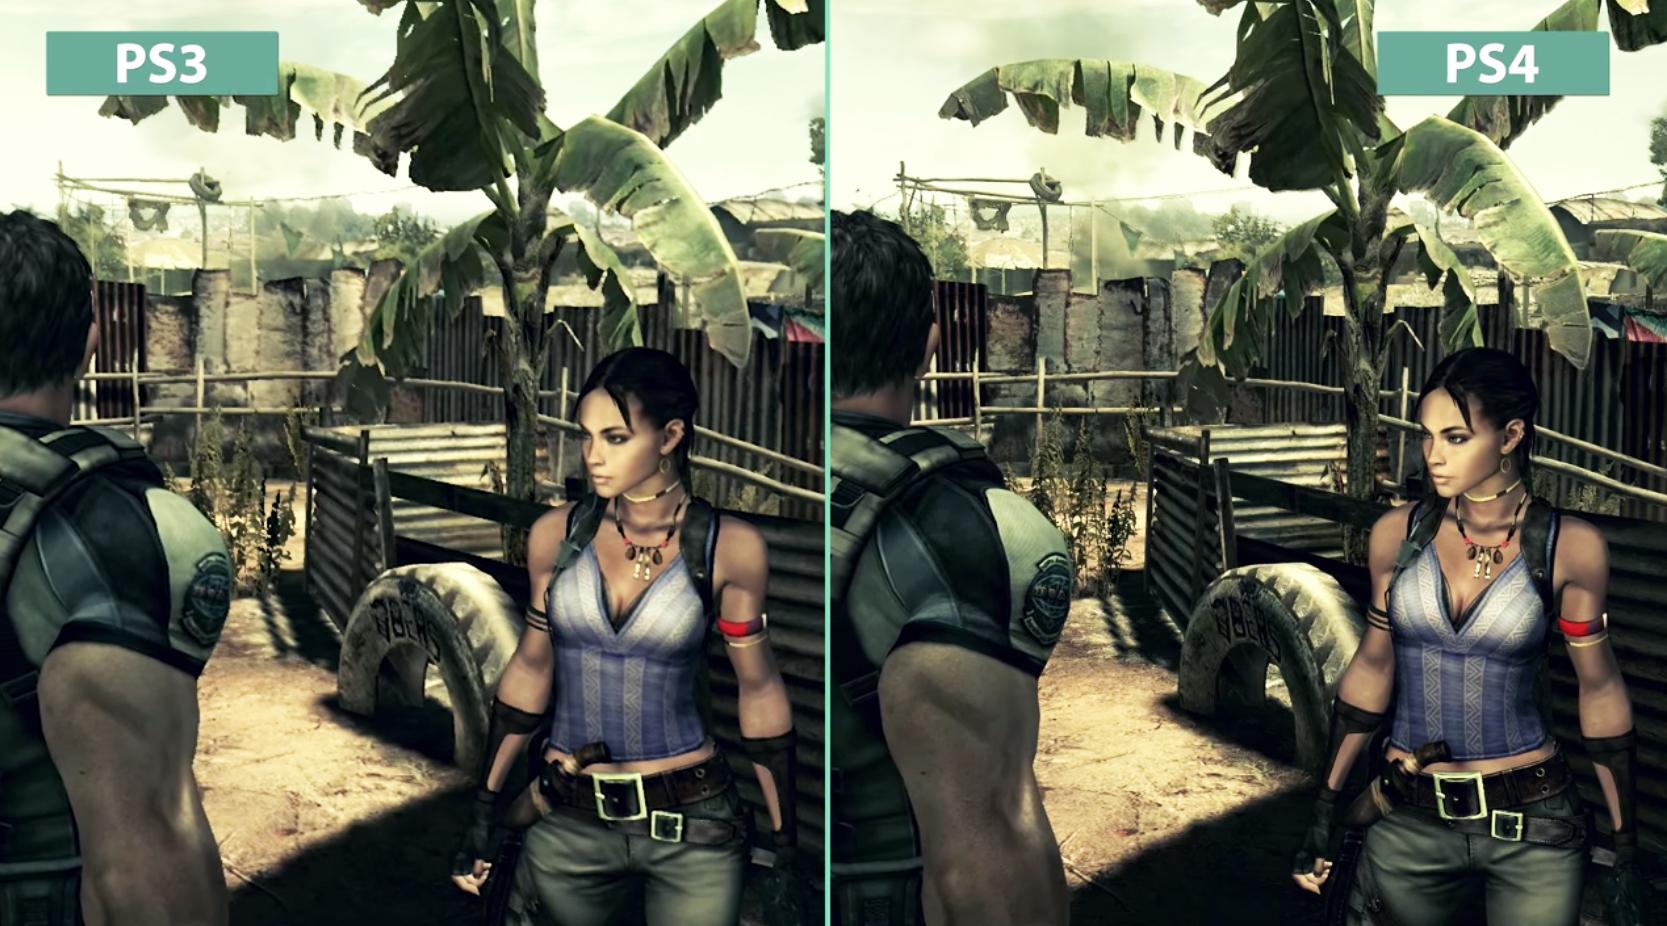 Resident Evil 5 grafik karsilastirmasi